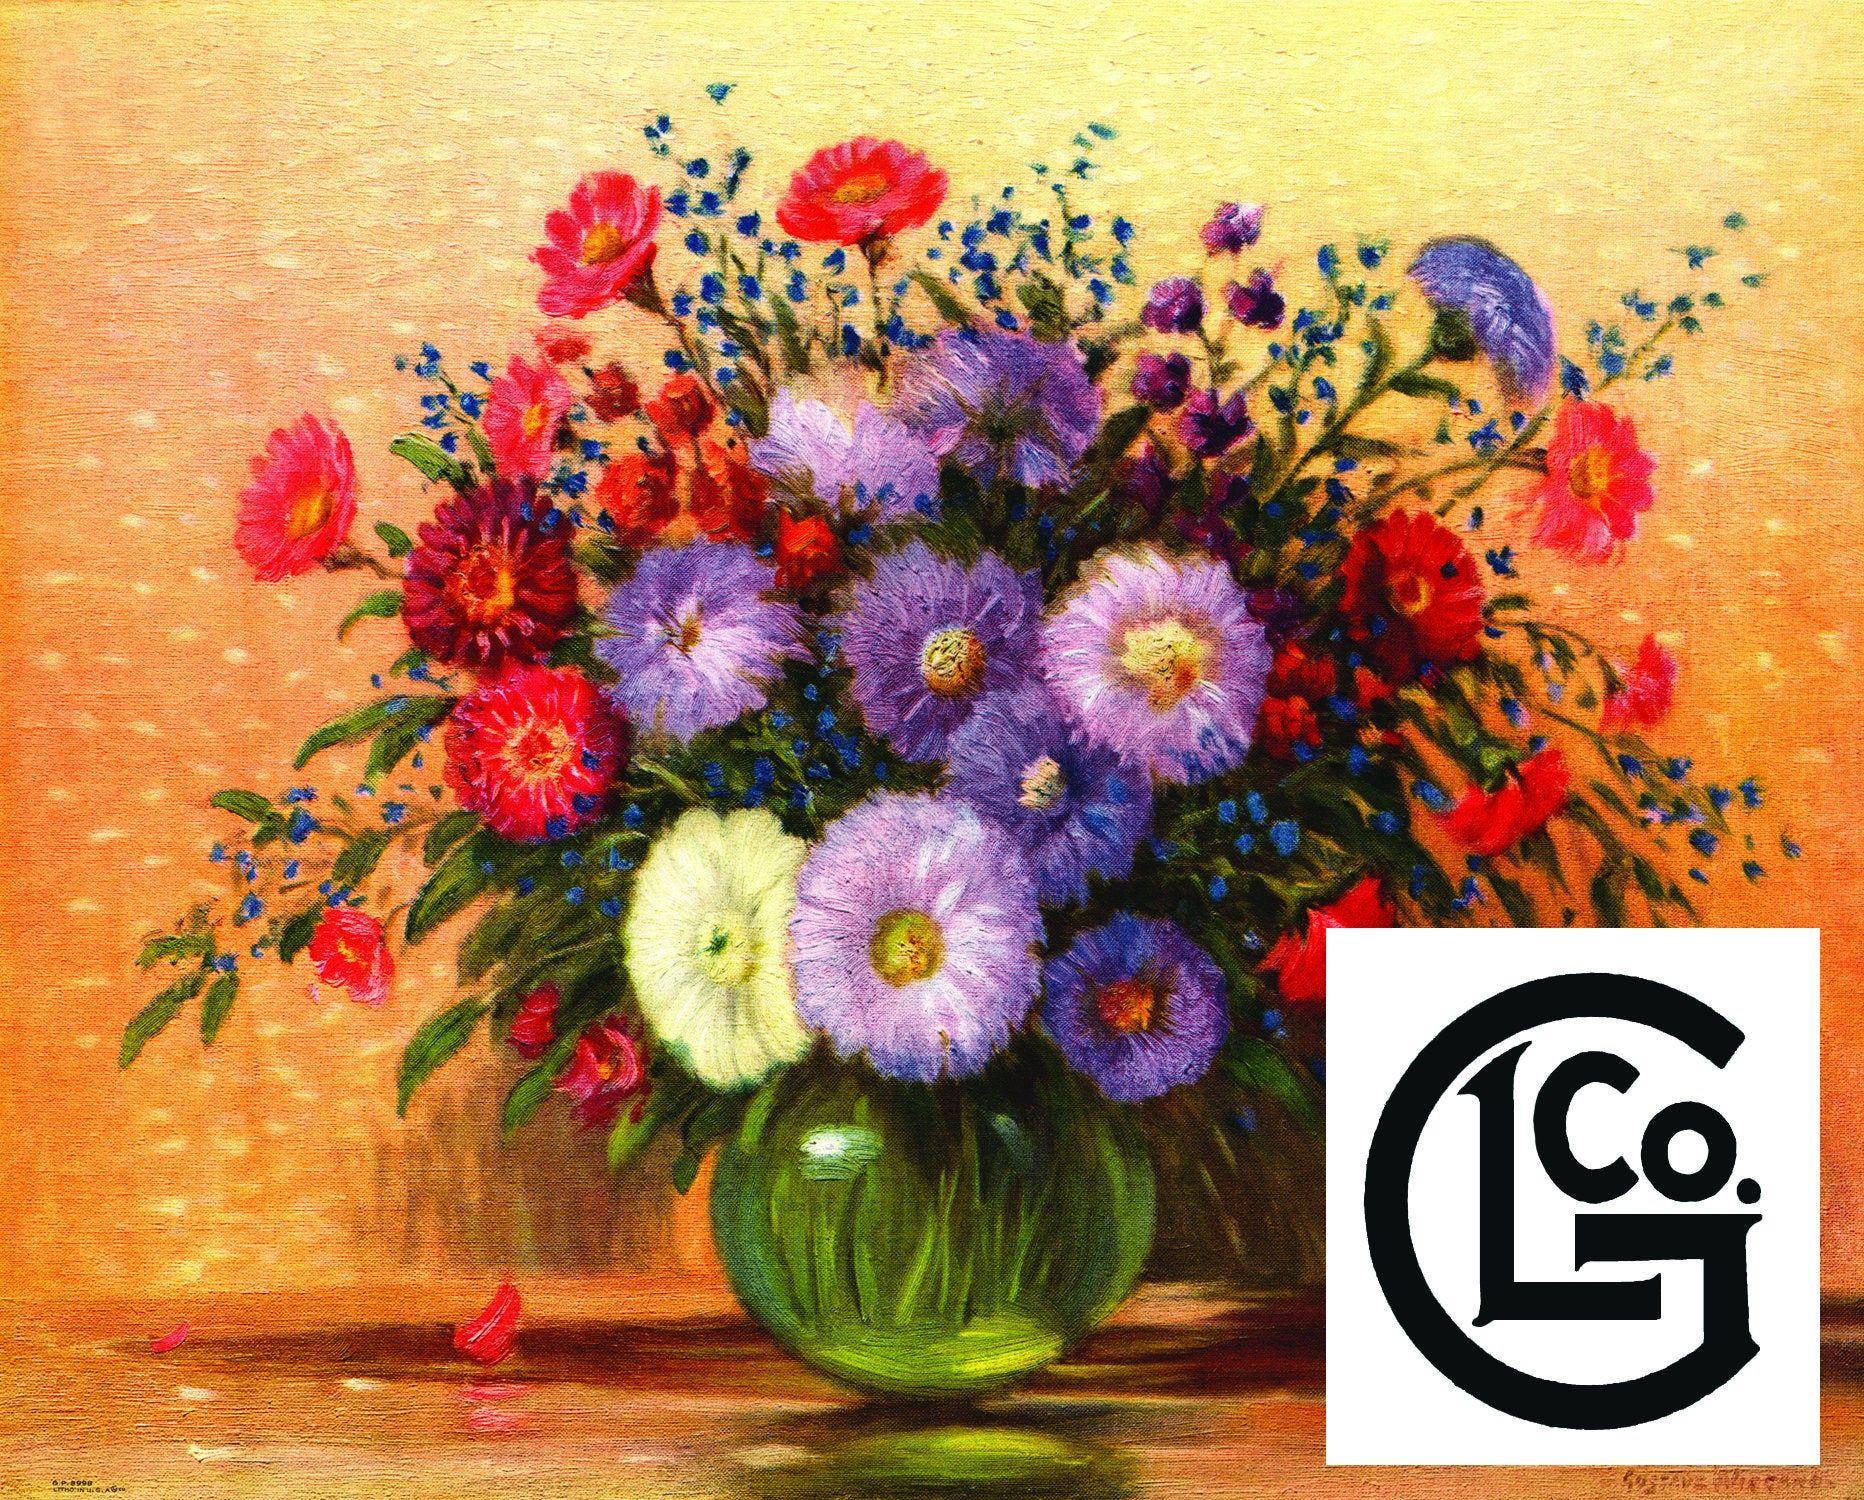 Gp8998 A Vase Of Asters By Gustave Wiegano Arrangementflowers Flowers Purple Red Vase Separator Flower Arrangements Vase Flowers